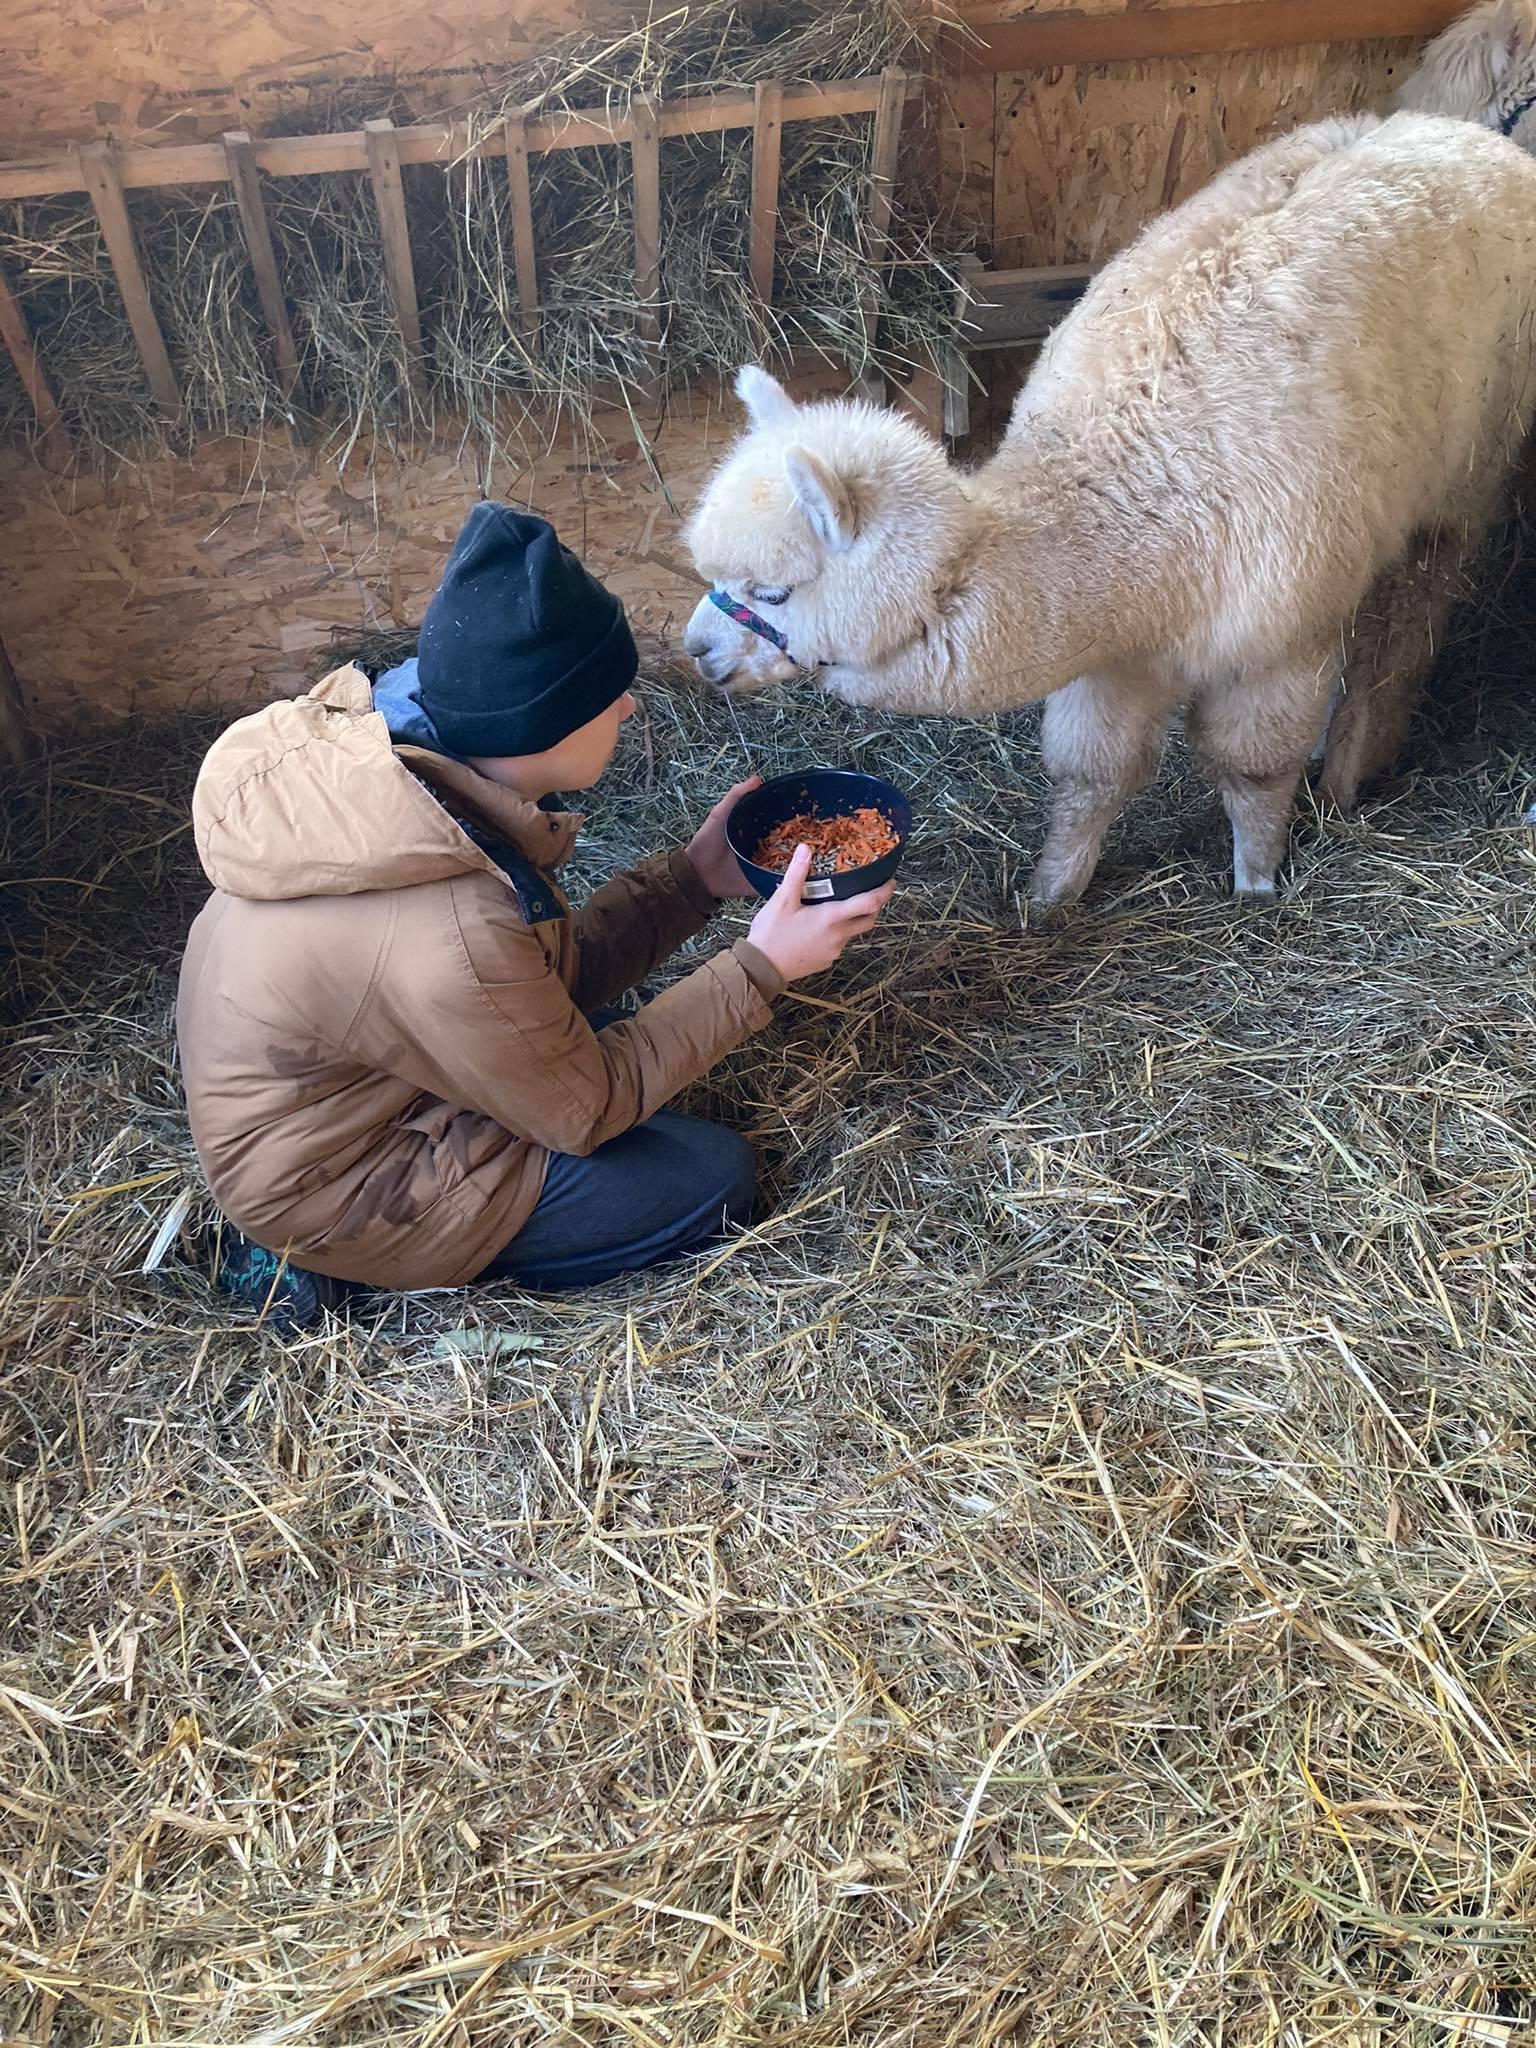 Uczeń karmi alpakę, startą marchewką z domieszką odpowiedniej paszy